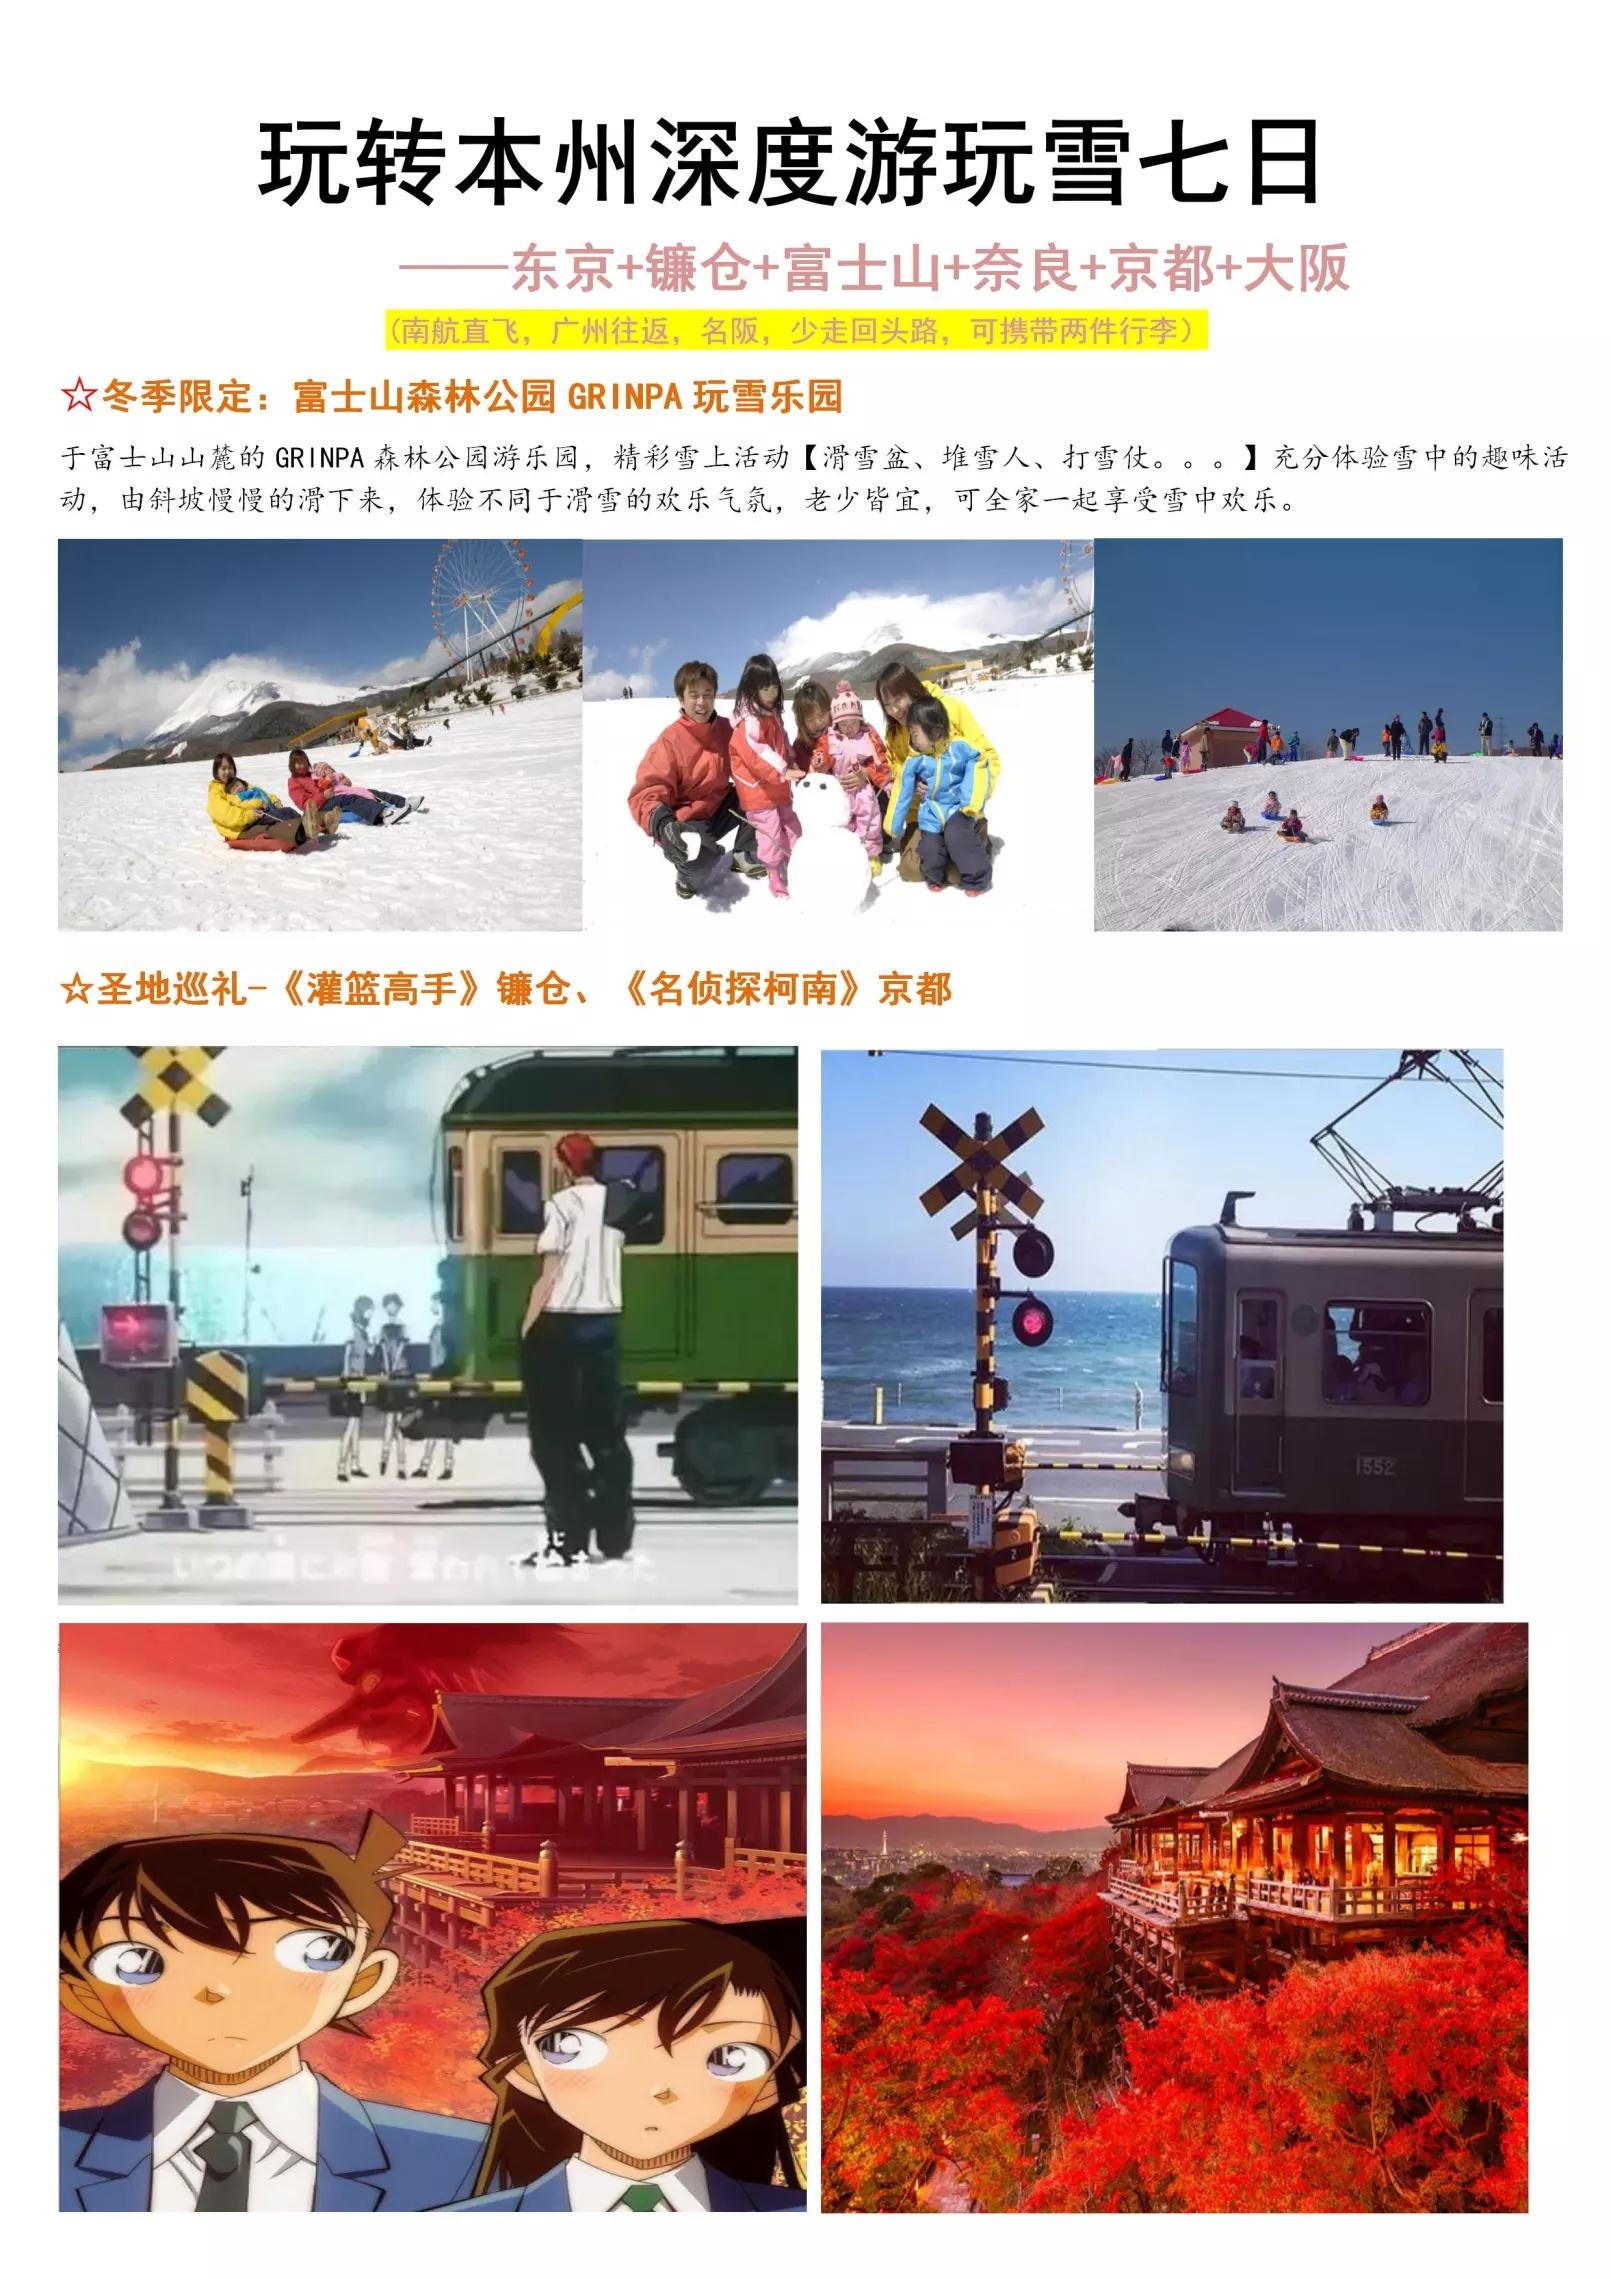 日本本州深度游雪7天